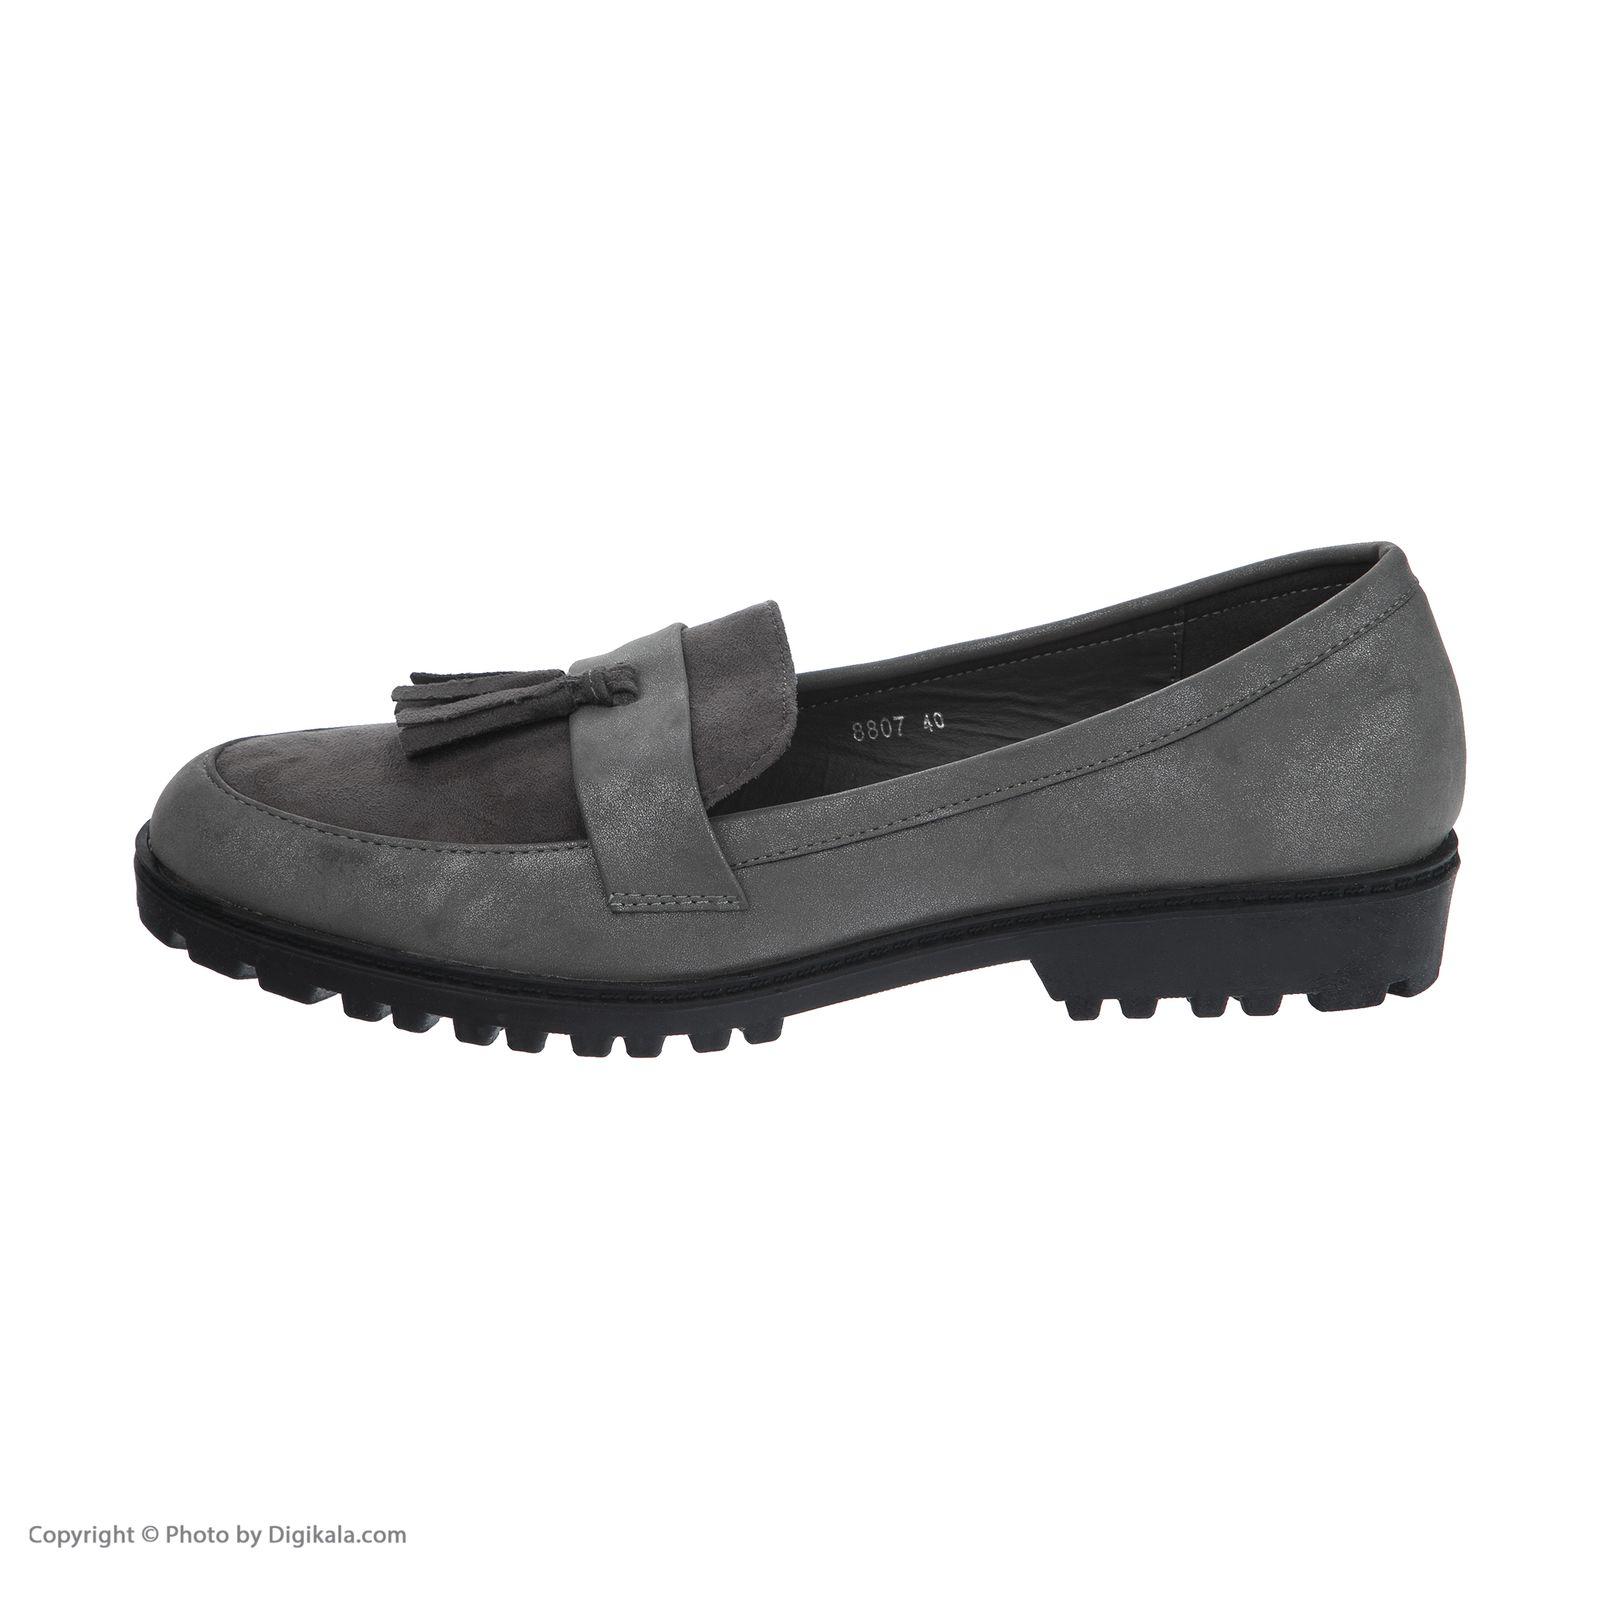 کفش روزمره زنانه مادام مدل F58807 -  - 3